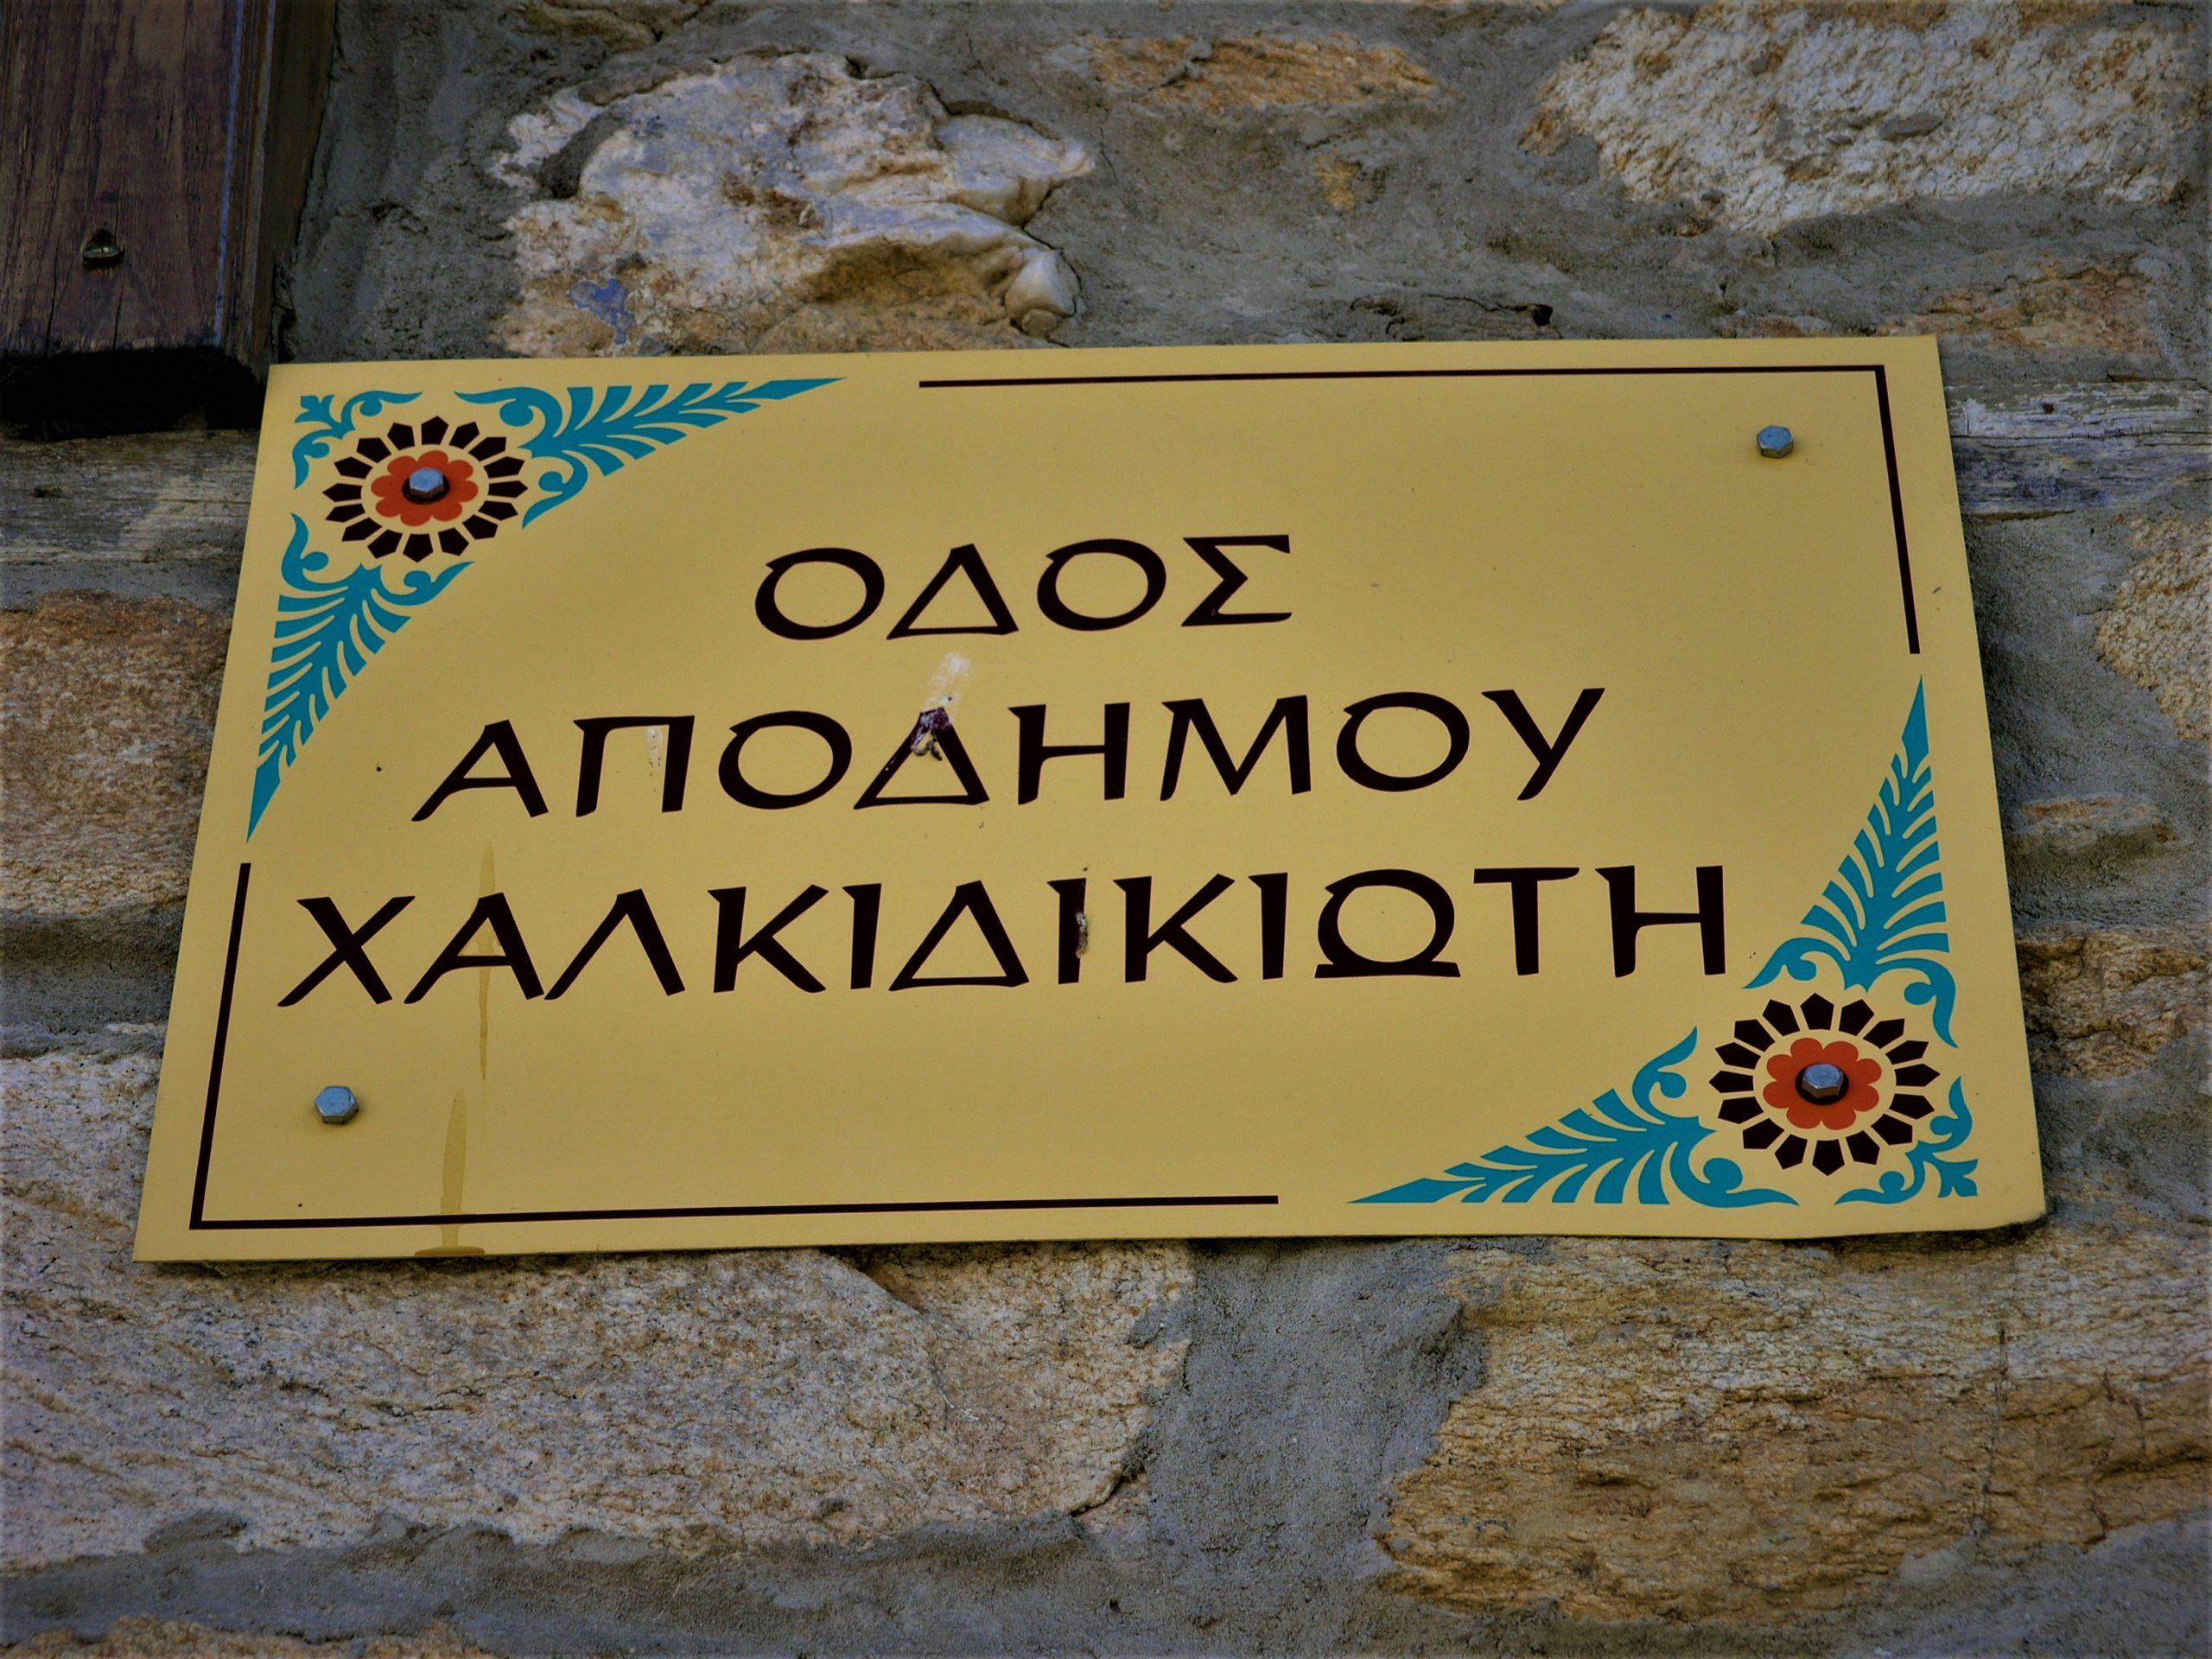 Αρναία, Χαλκιδική, Χολομόντας, Μακεδονία